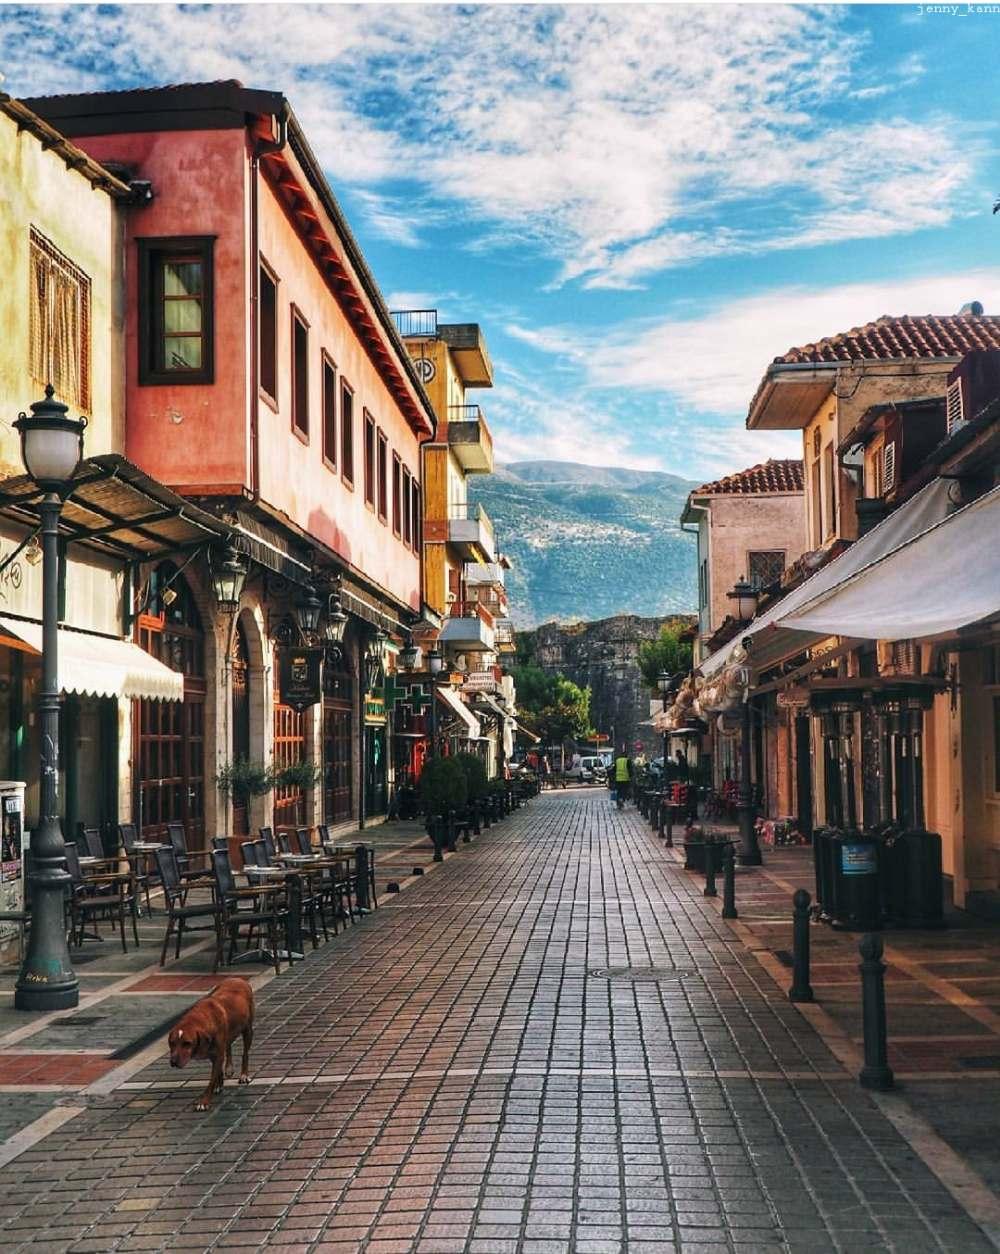 Ιωάννινα Παλιά Πόλη Κάλλάρη